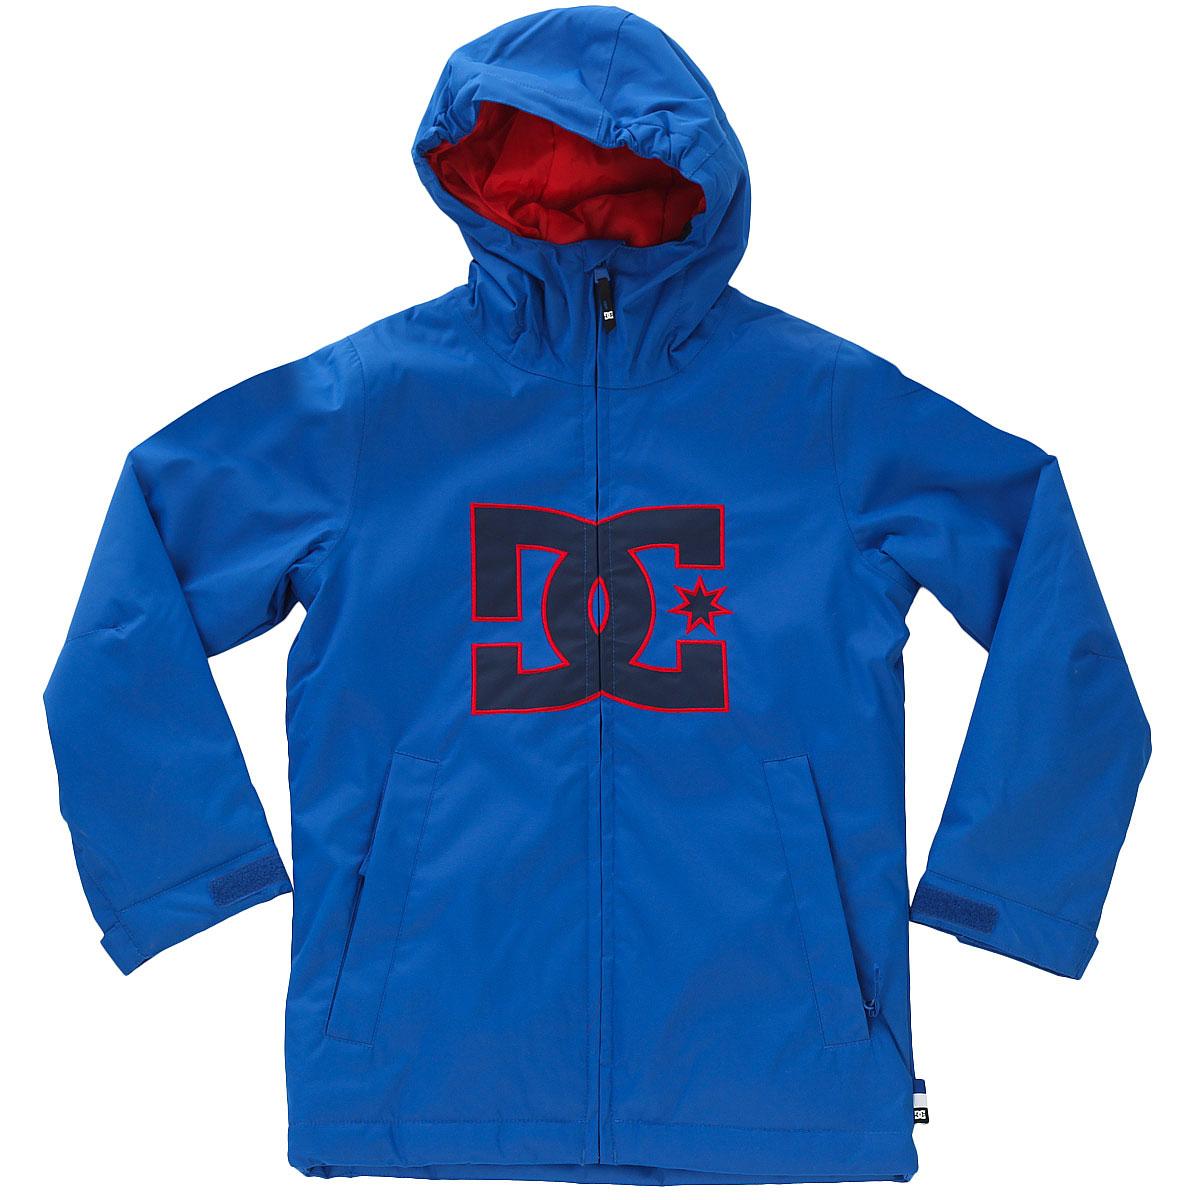 Купить куртку утепленная детскую DC Story Nautical Blue (EDBTJ03020-BQR0) в  интернет-магазине Proskater.ru 385e5270ab7